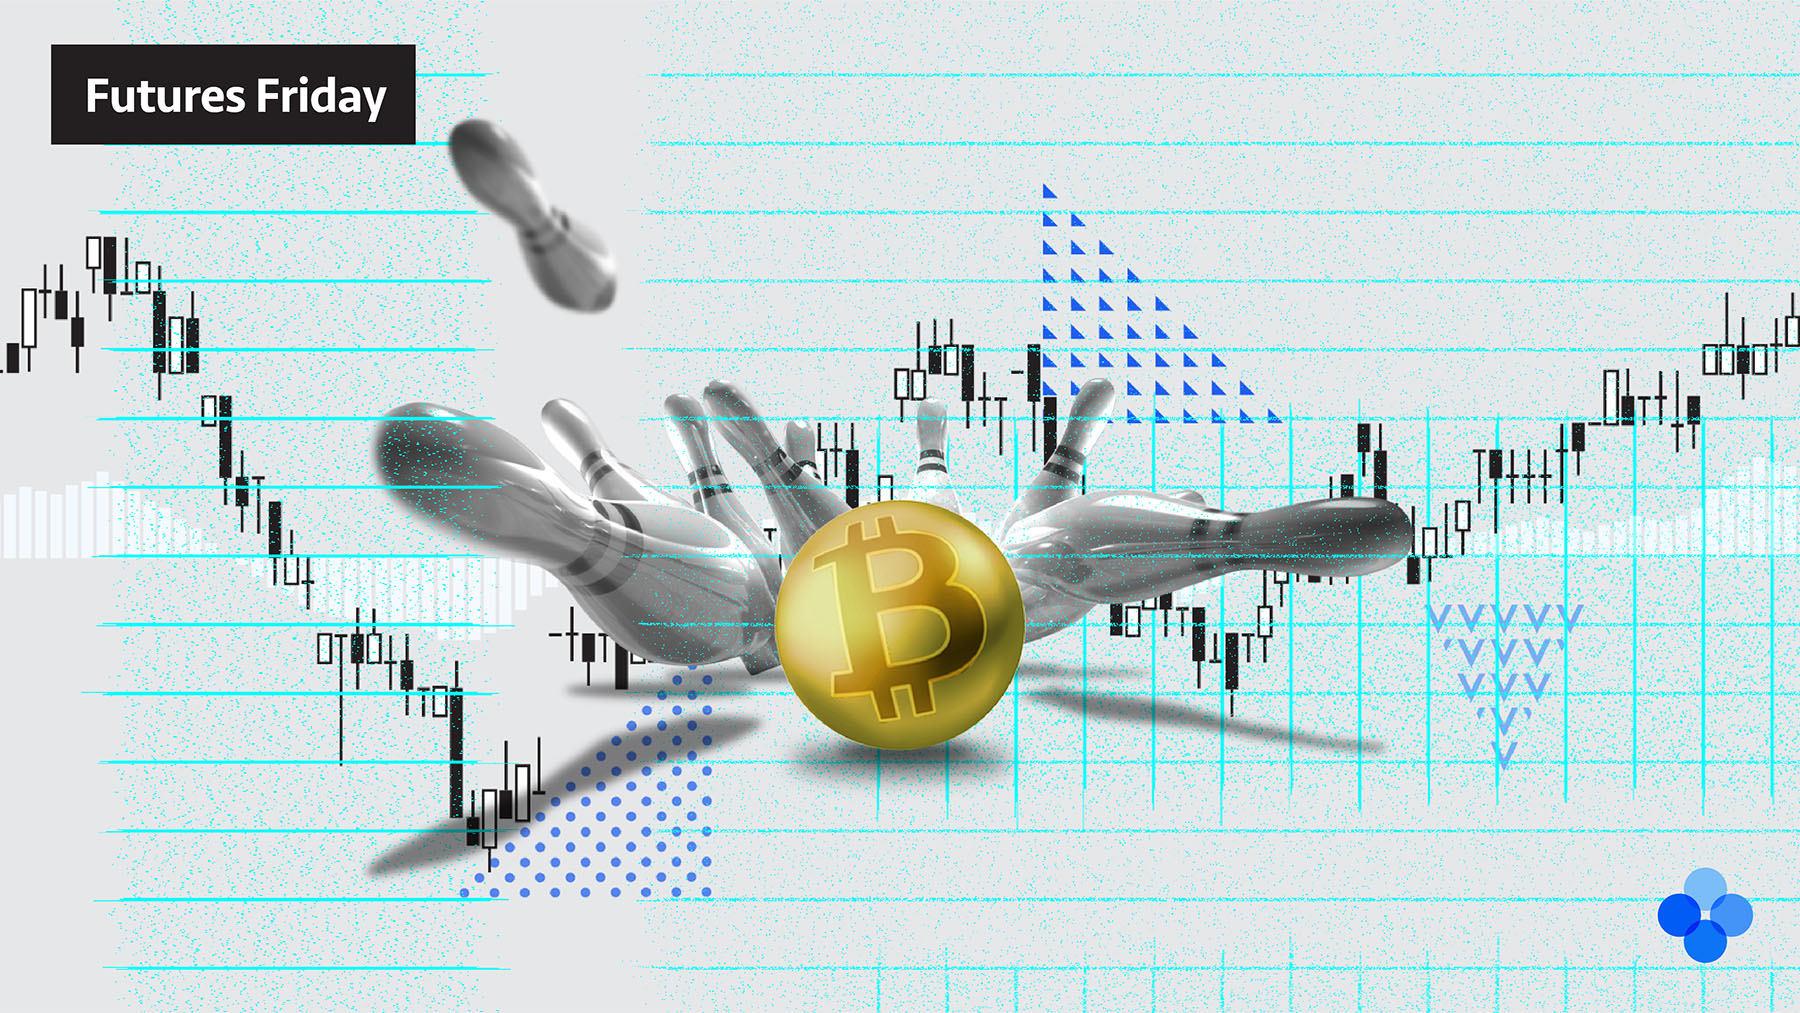 BTC šiandien | BTCBRL | 🥇 Bitcoin vertė šiandien realiu laiku